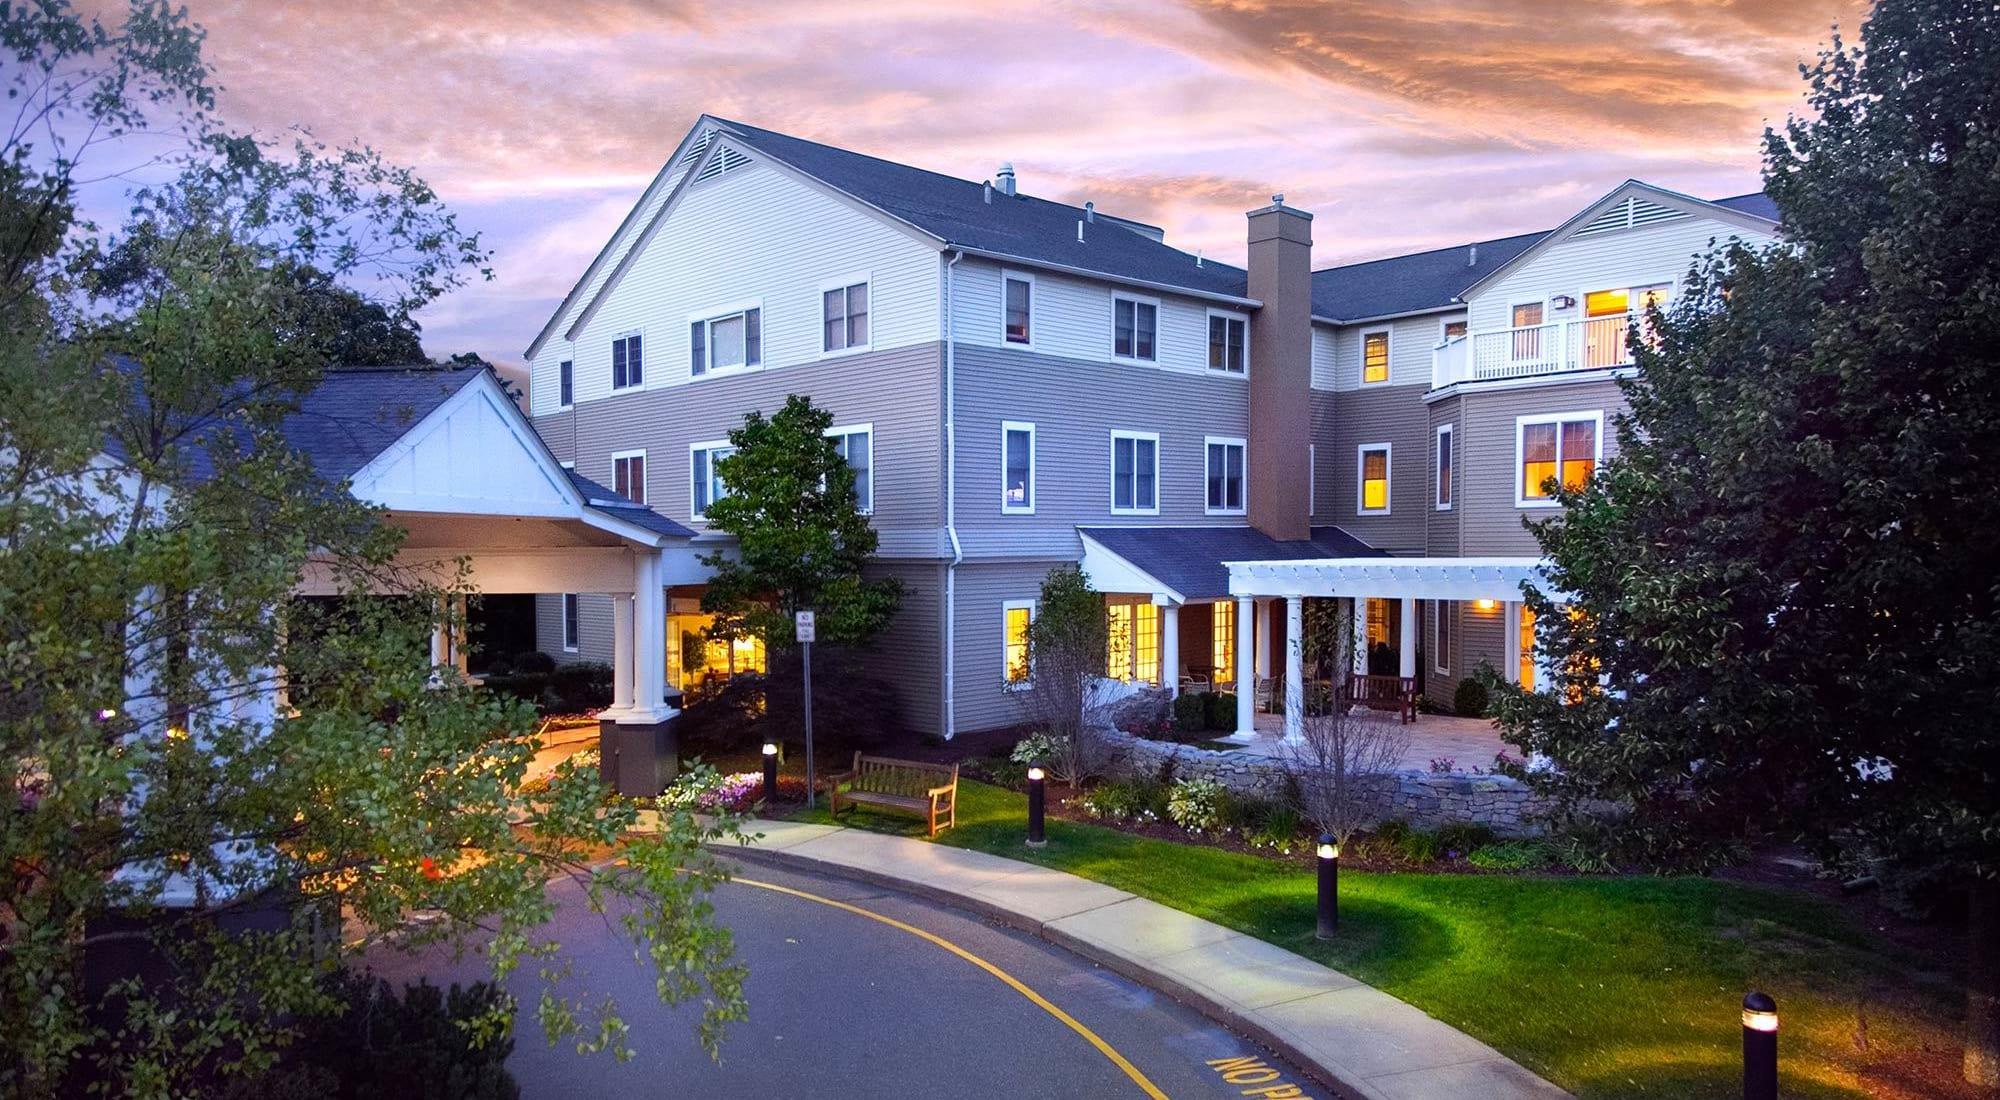 Senior living at Maplewood at Orange in Orange, Connecticut